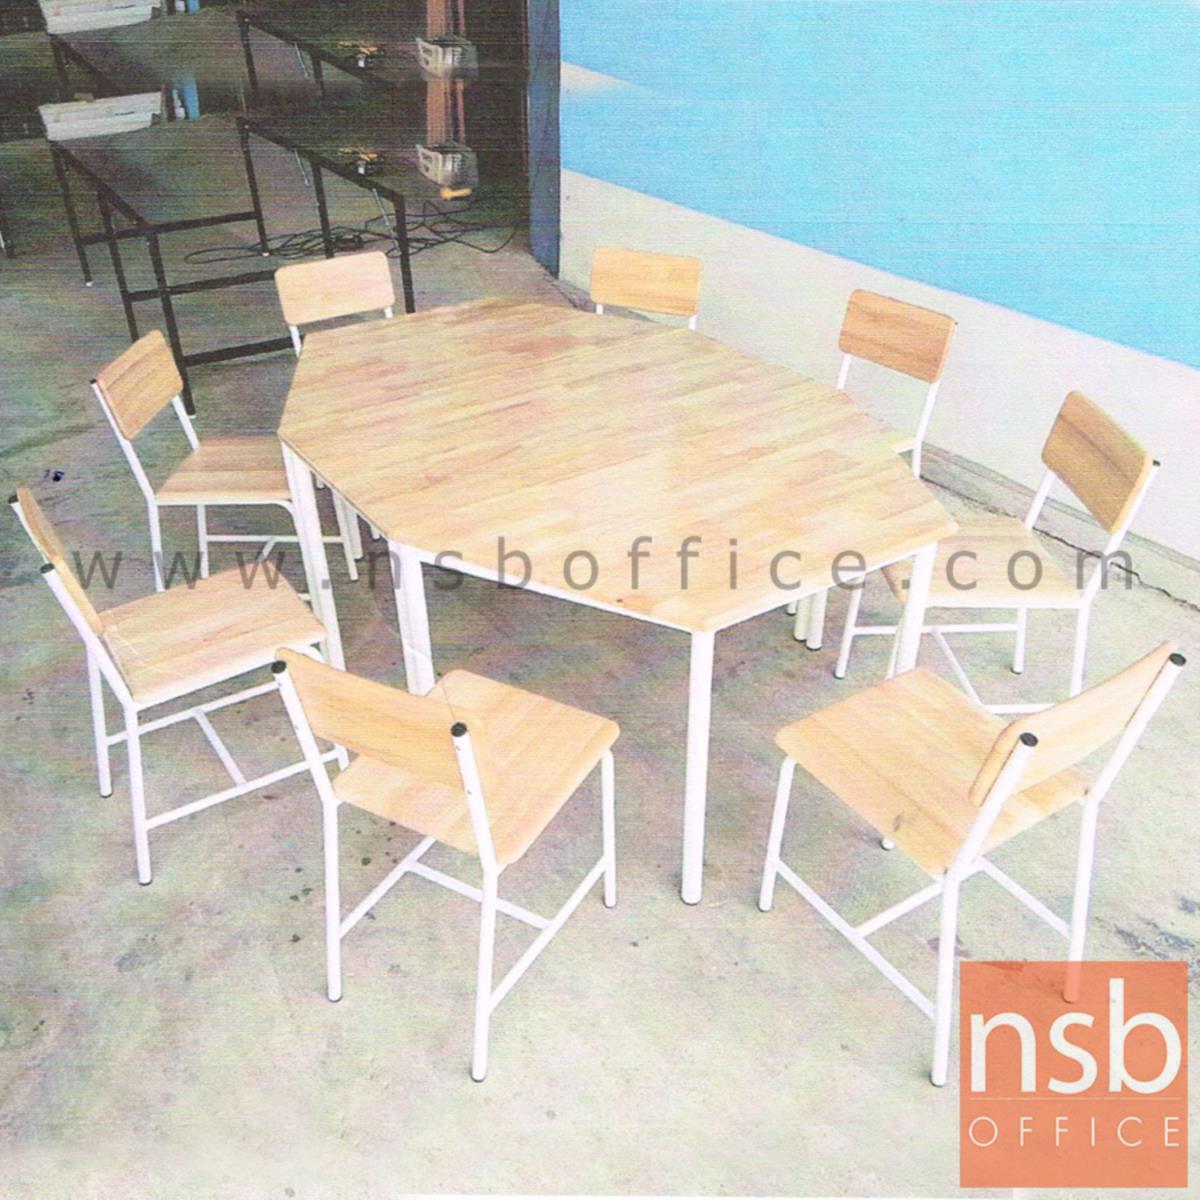 โต๊ะกิจกรรมเด็ก รุ่น LEARNIG แปดเหลี่ยม (ประกอบด้วยโต๊ะสี่เหลี่ยมและคางหมู) โครงขาสีขาว